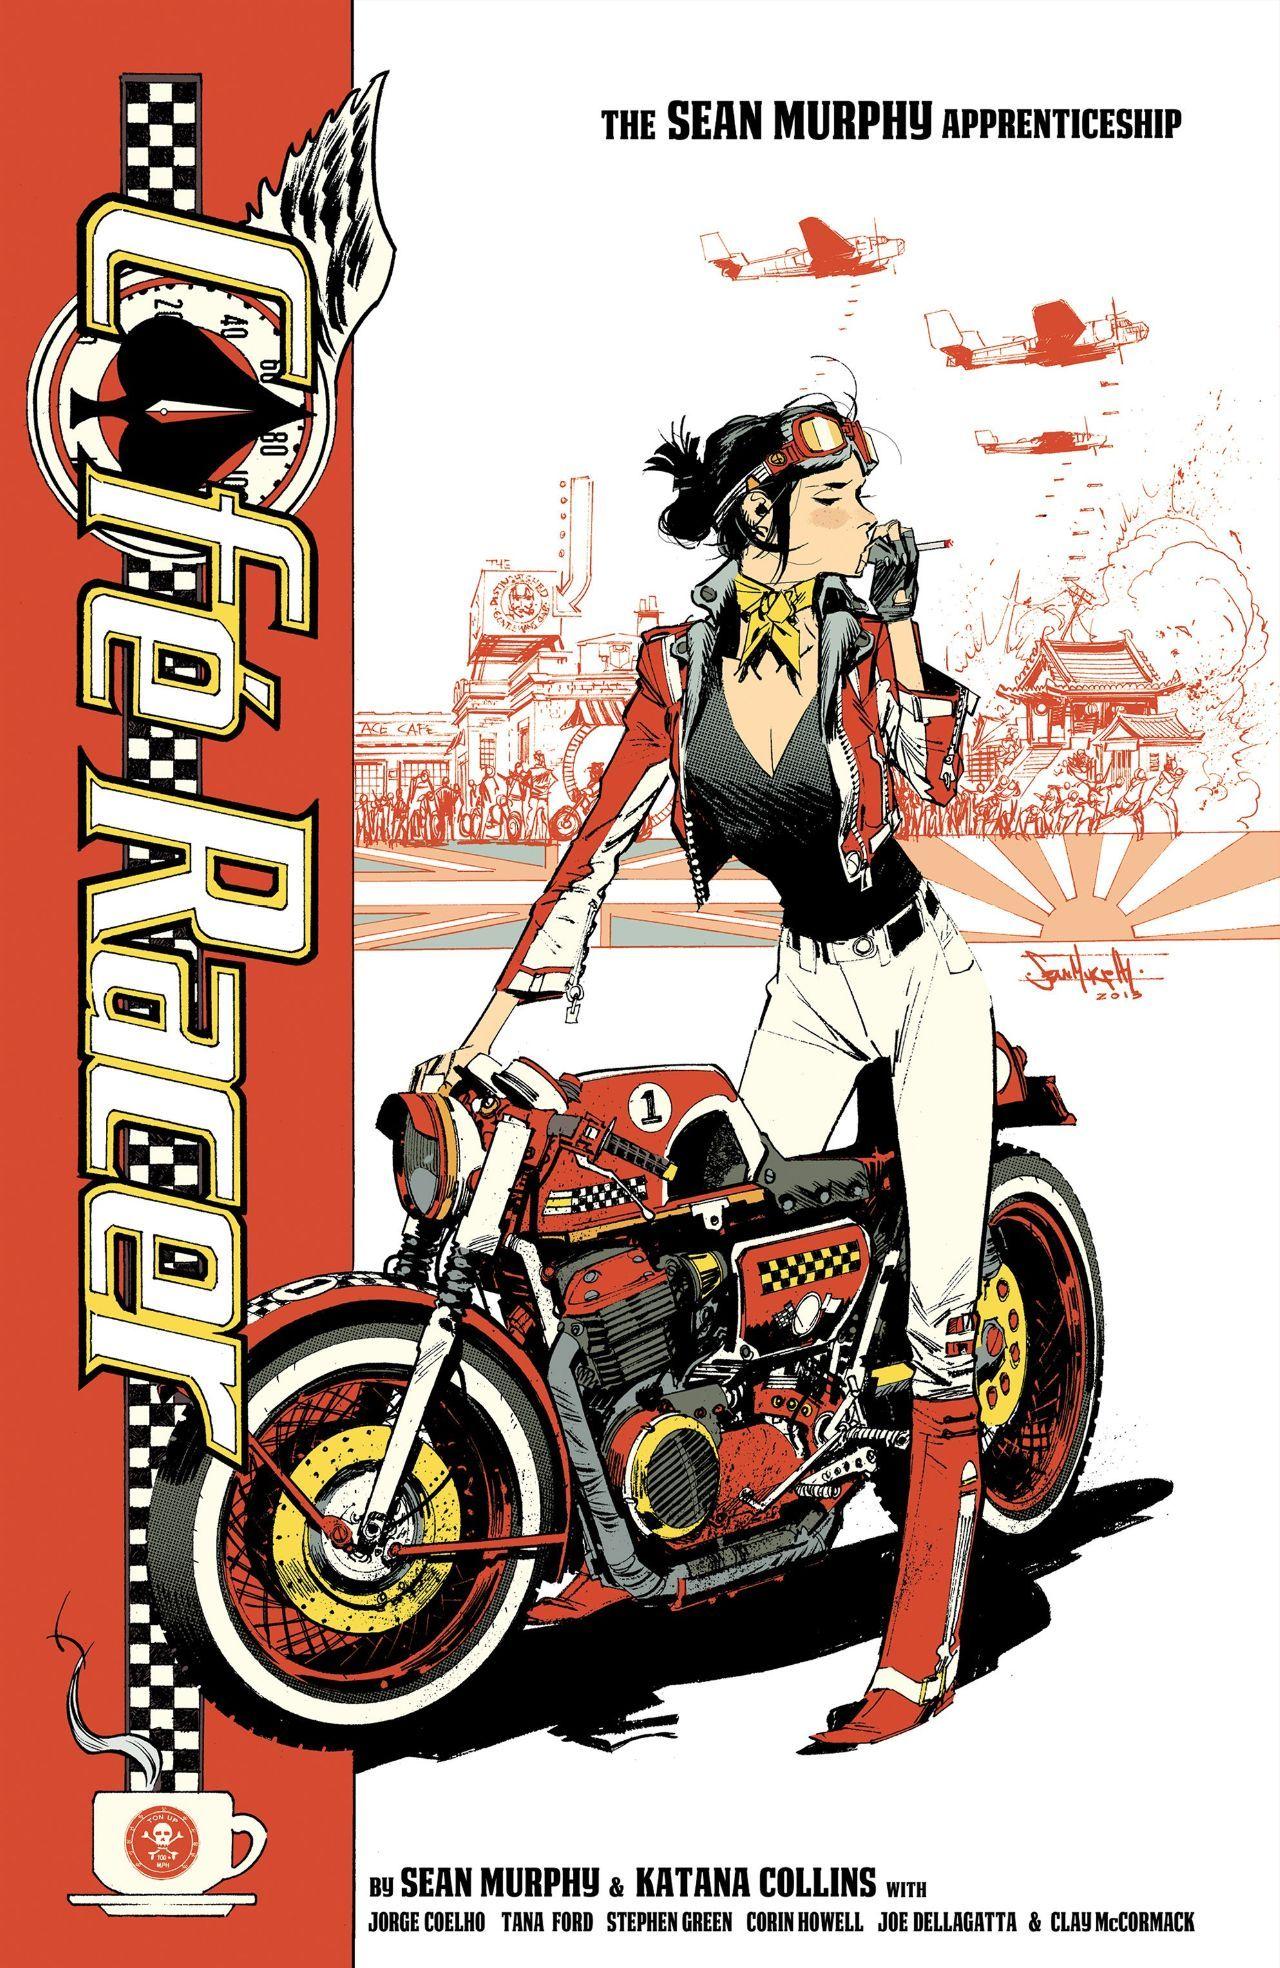 Cafe Racer Vol. 1 motorcycles Bike art, Cafe racer